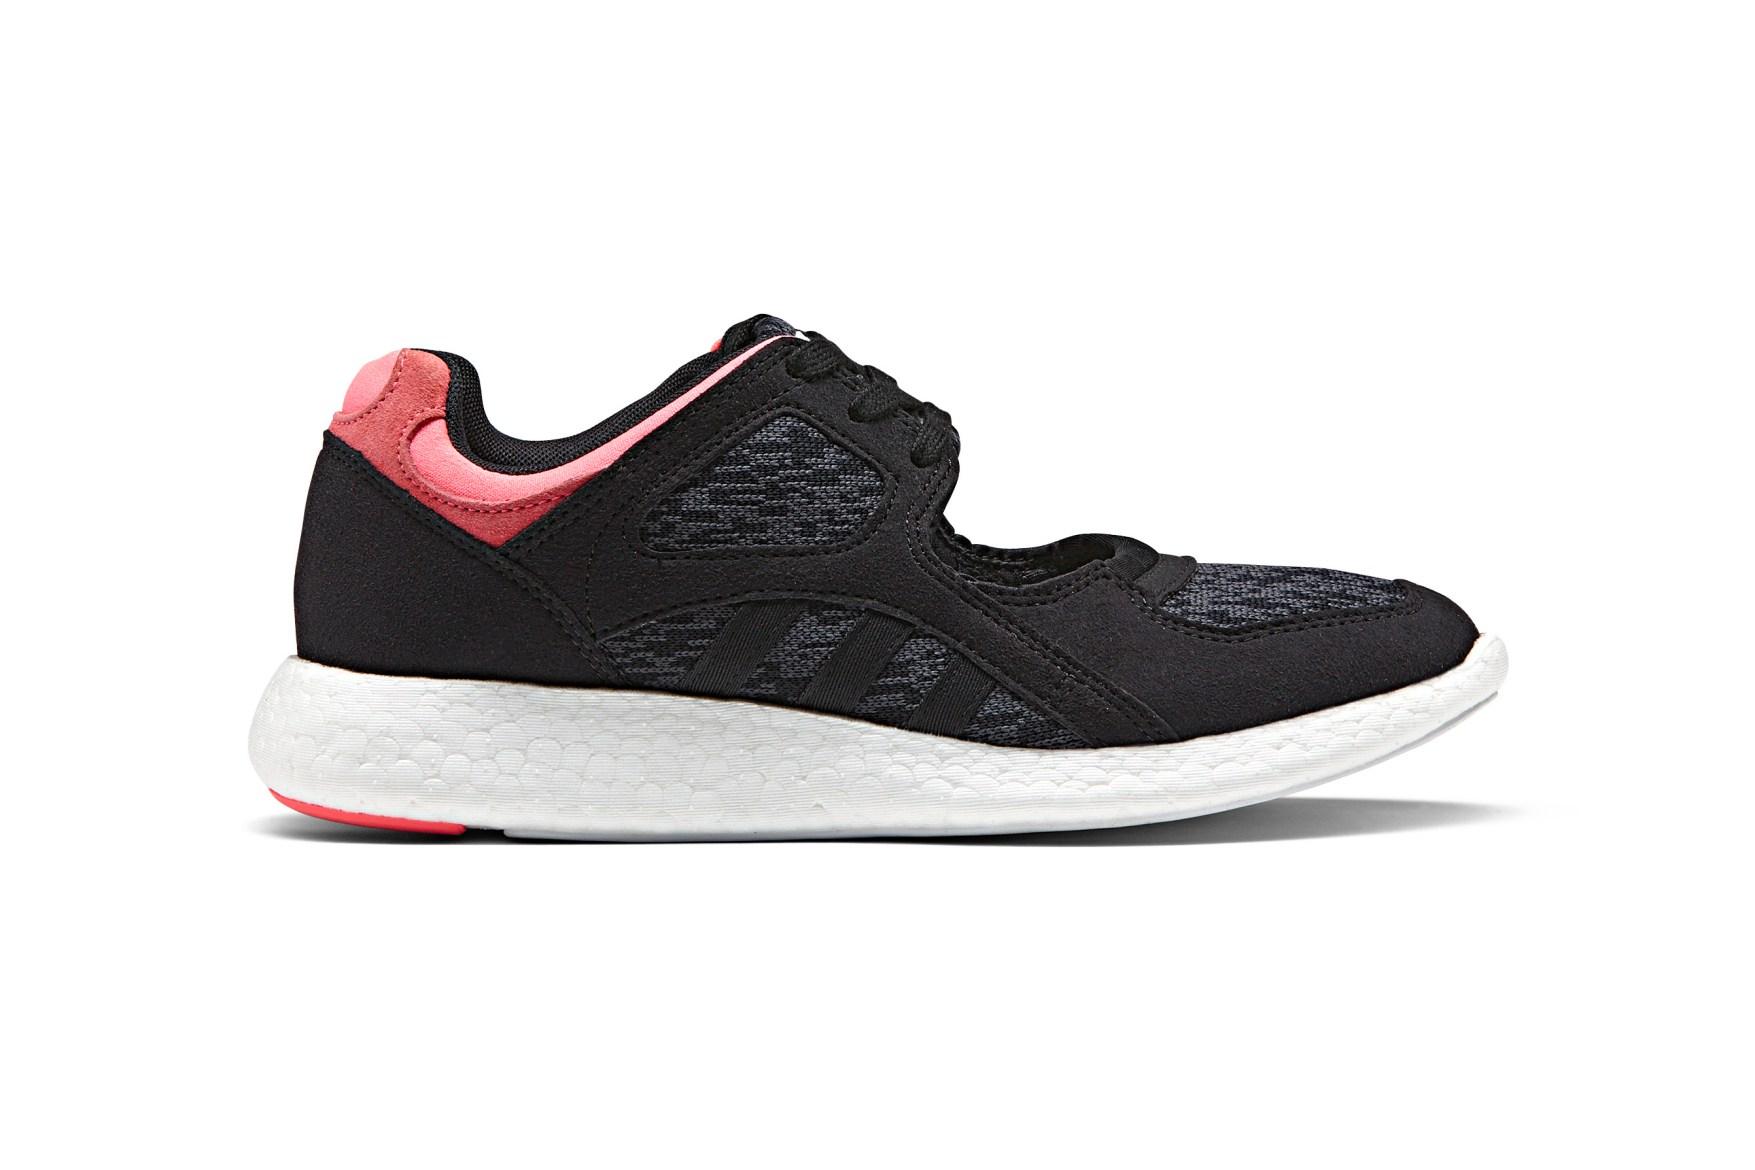 Adidas 2017 Eqt